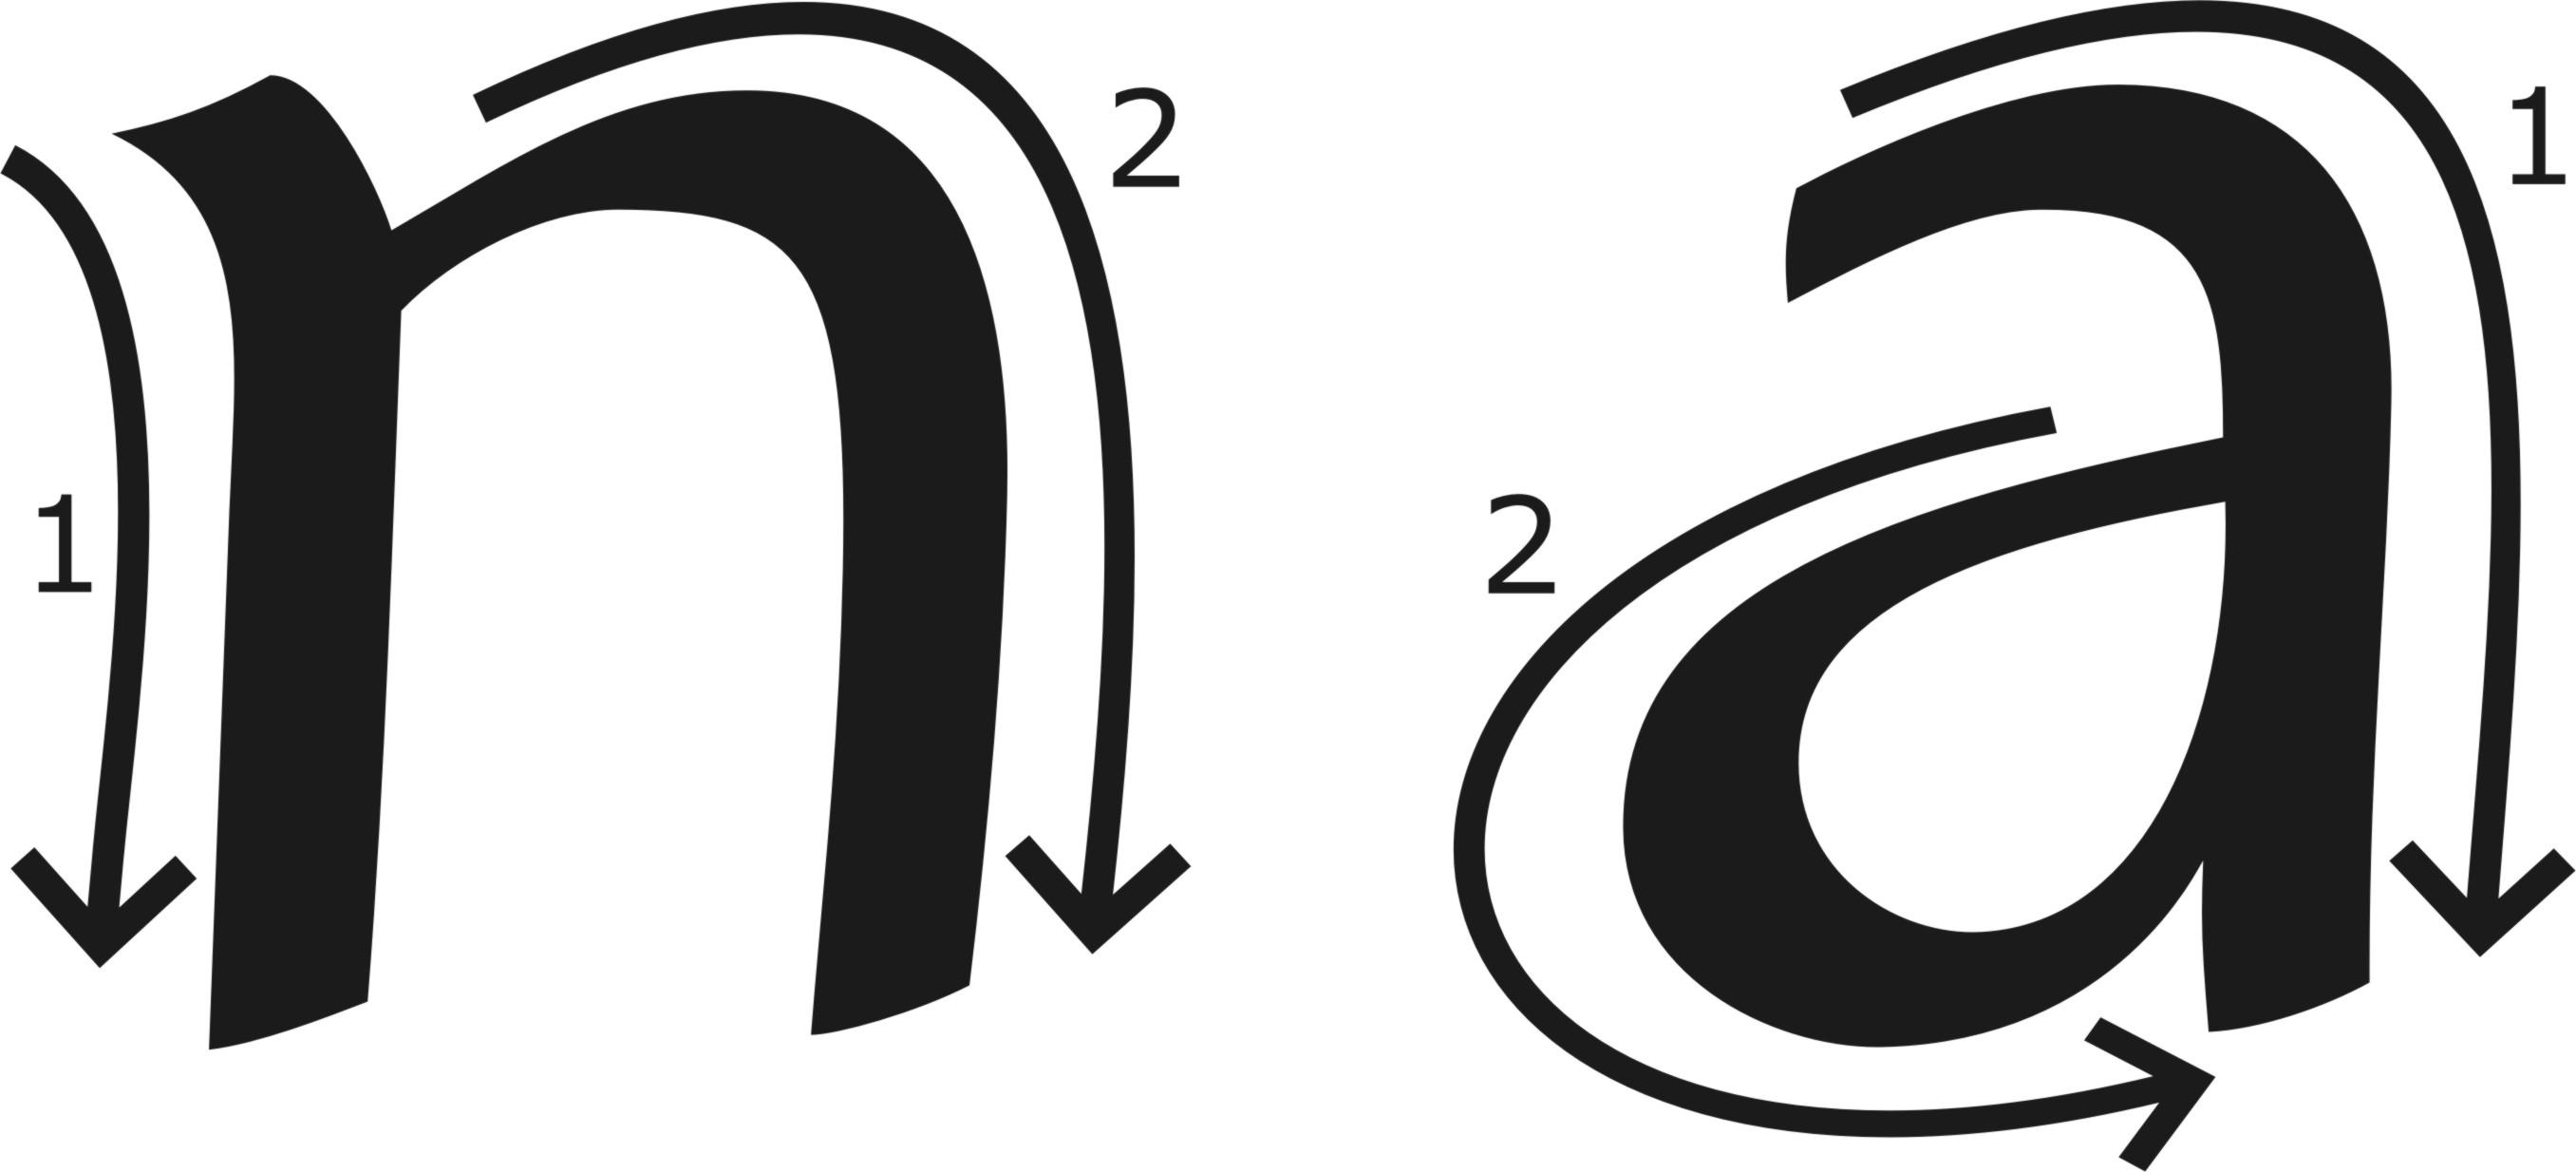 Como Crear Una Tipografia. Interesting Como Crear Una Tipografia ...